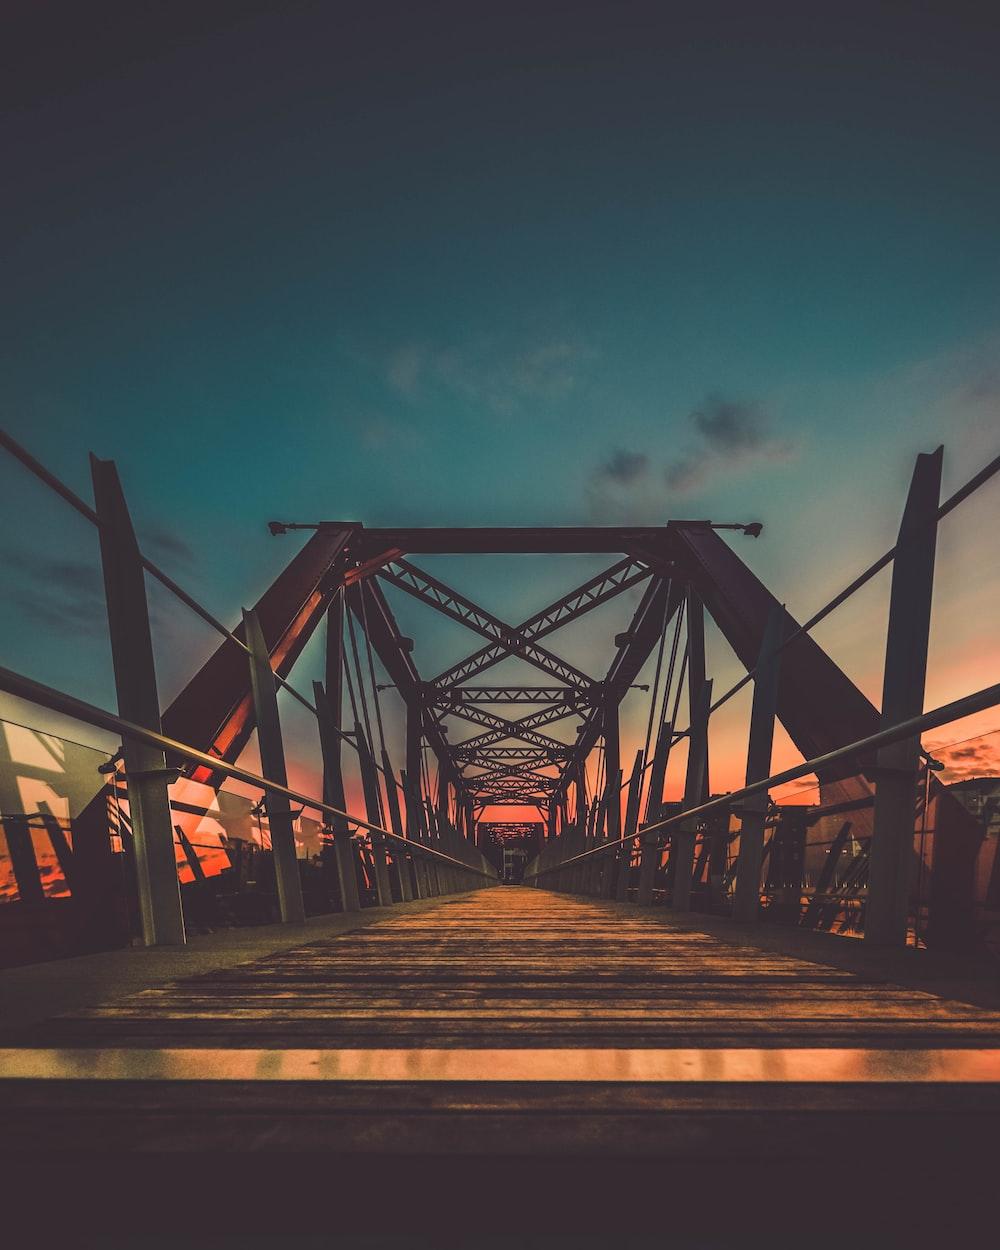 brown steel bridge with no vehicle